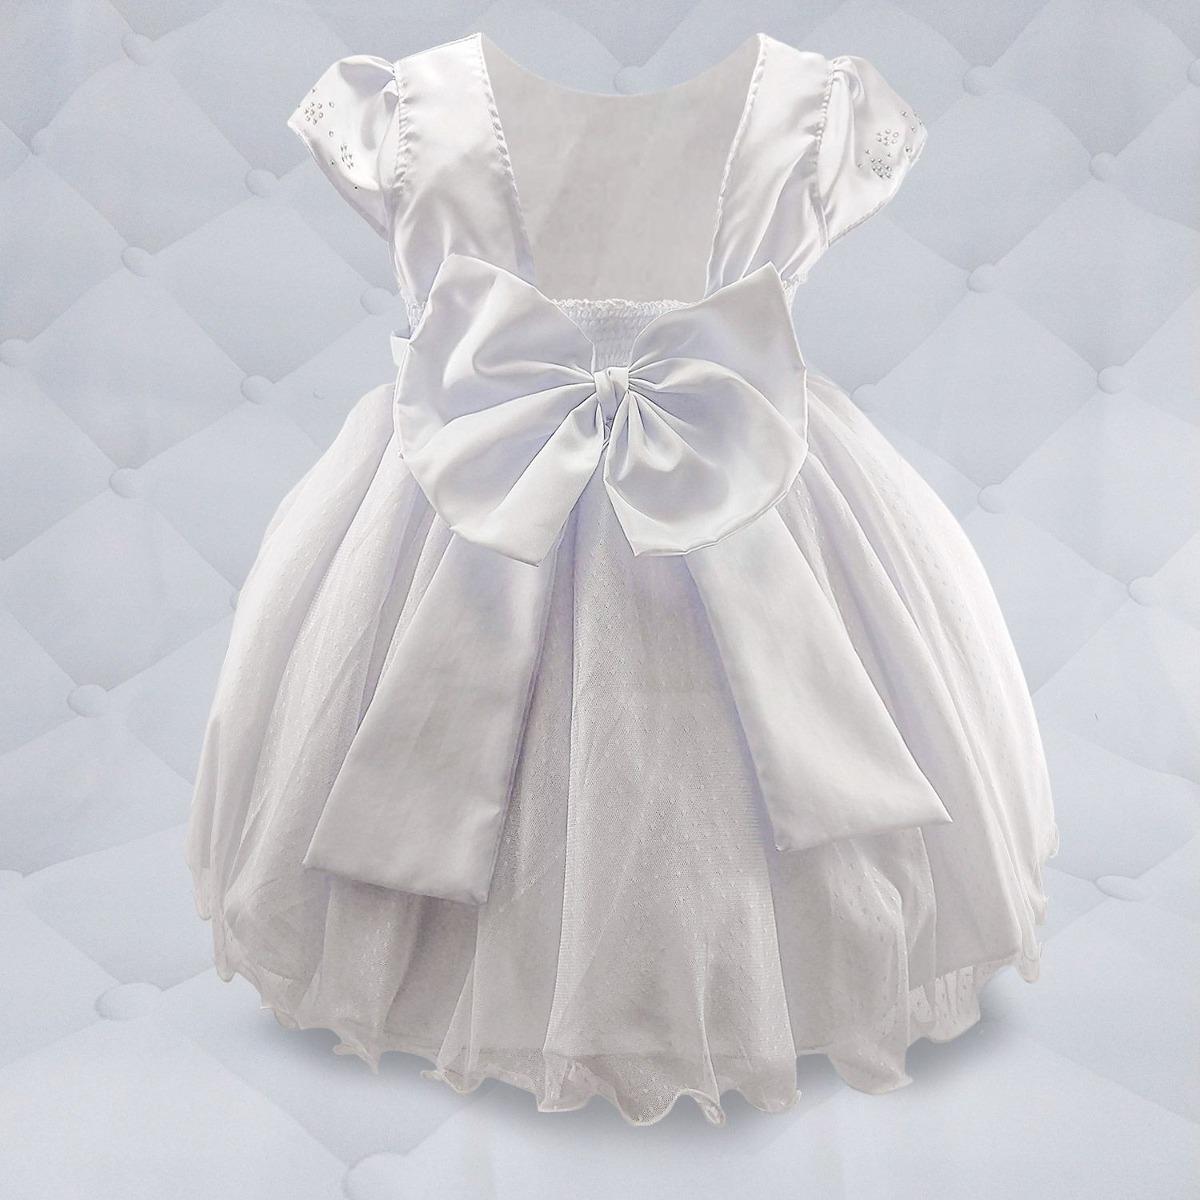 13210dd53f vestido branco com cinto de pérola e peito de strass. Carregando zoom.